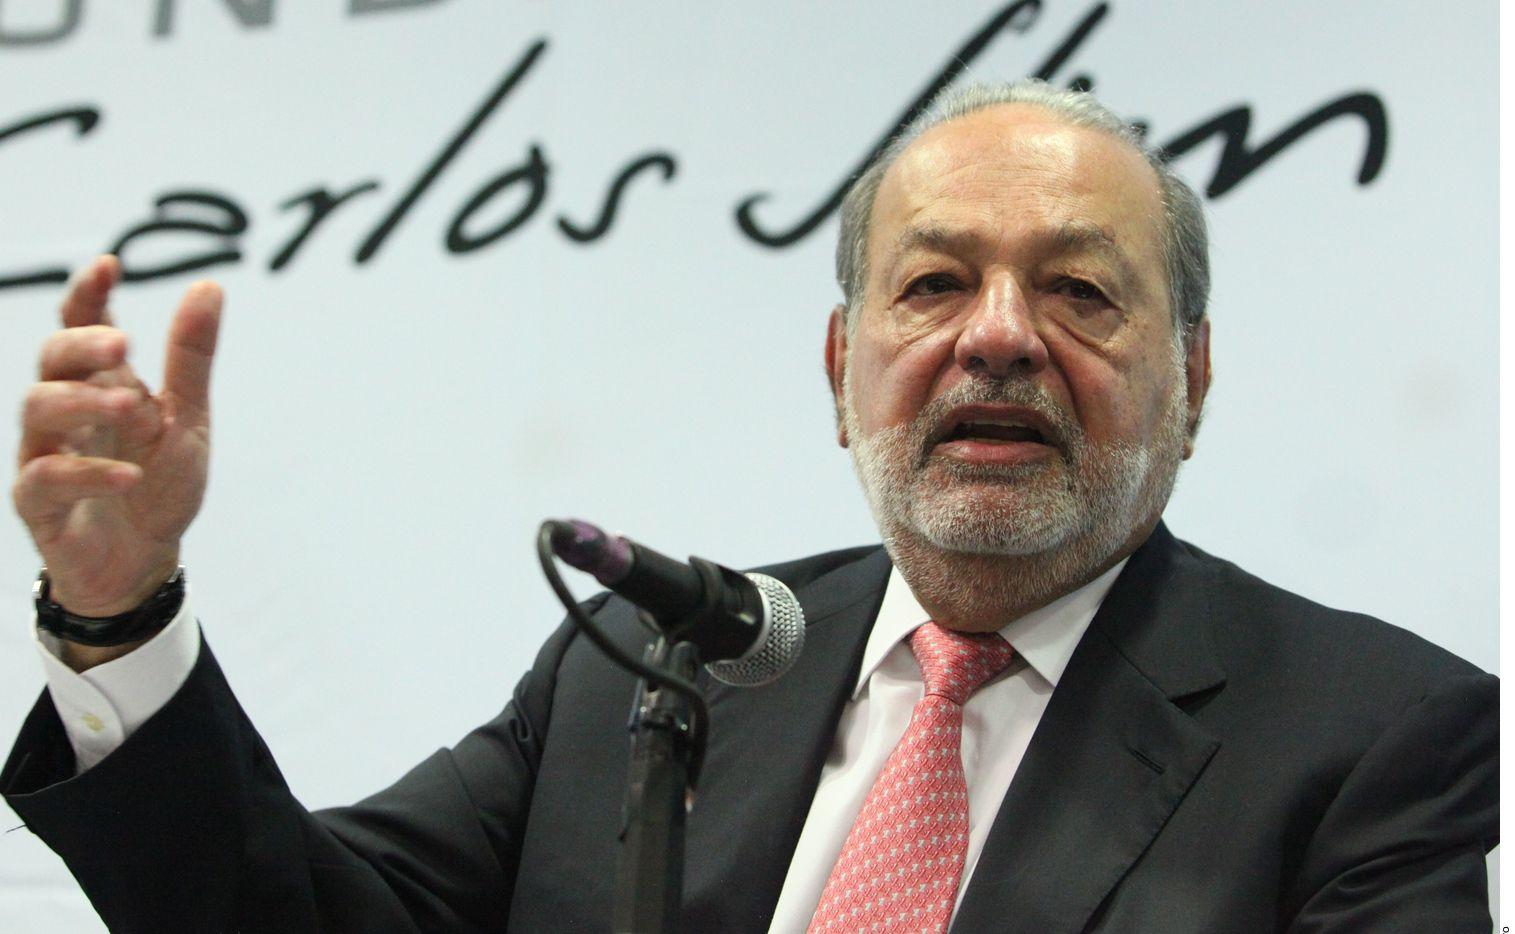 El empresario Carlos Slim financiará la reconstrucción del tramo afectado de la L-12 del metro capitalino, informó el miércoles el presidente mexicano Andrés Manuel López Obrador.